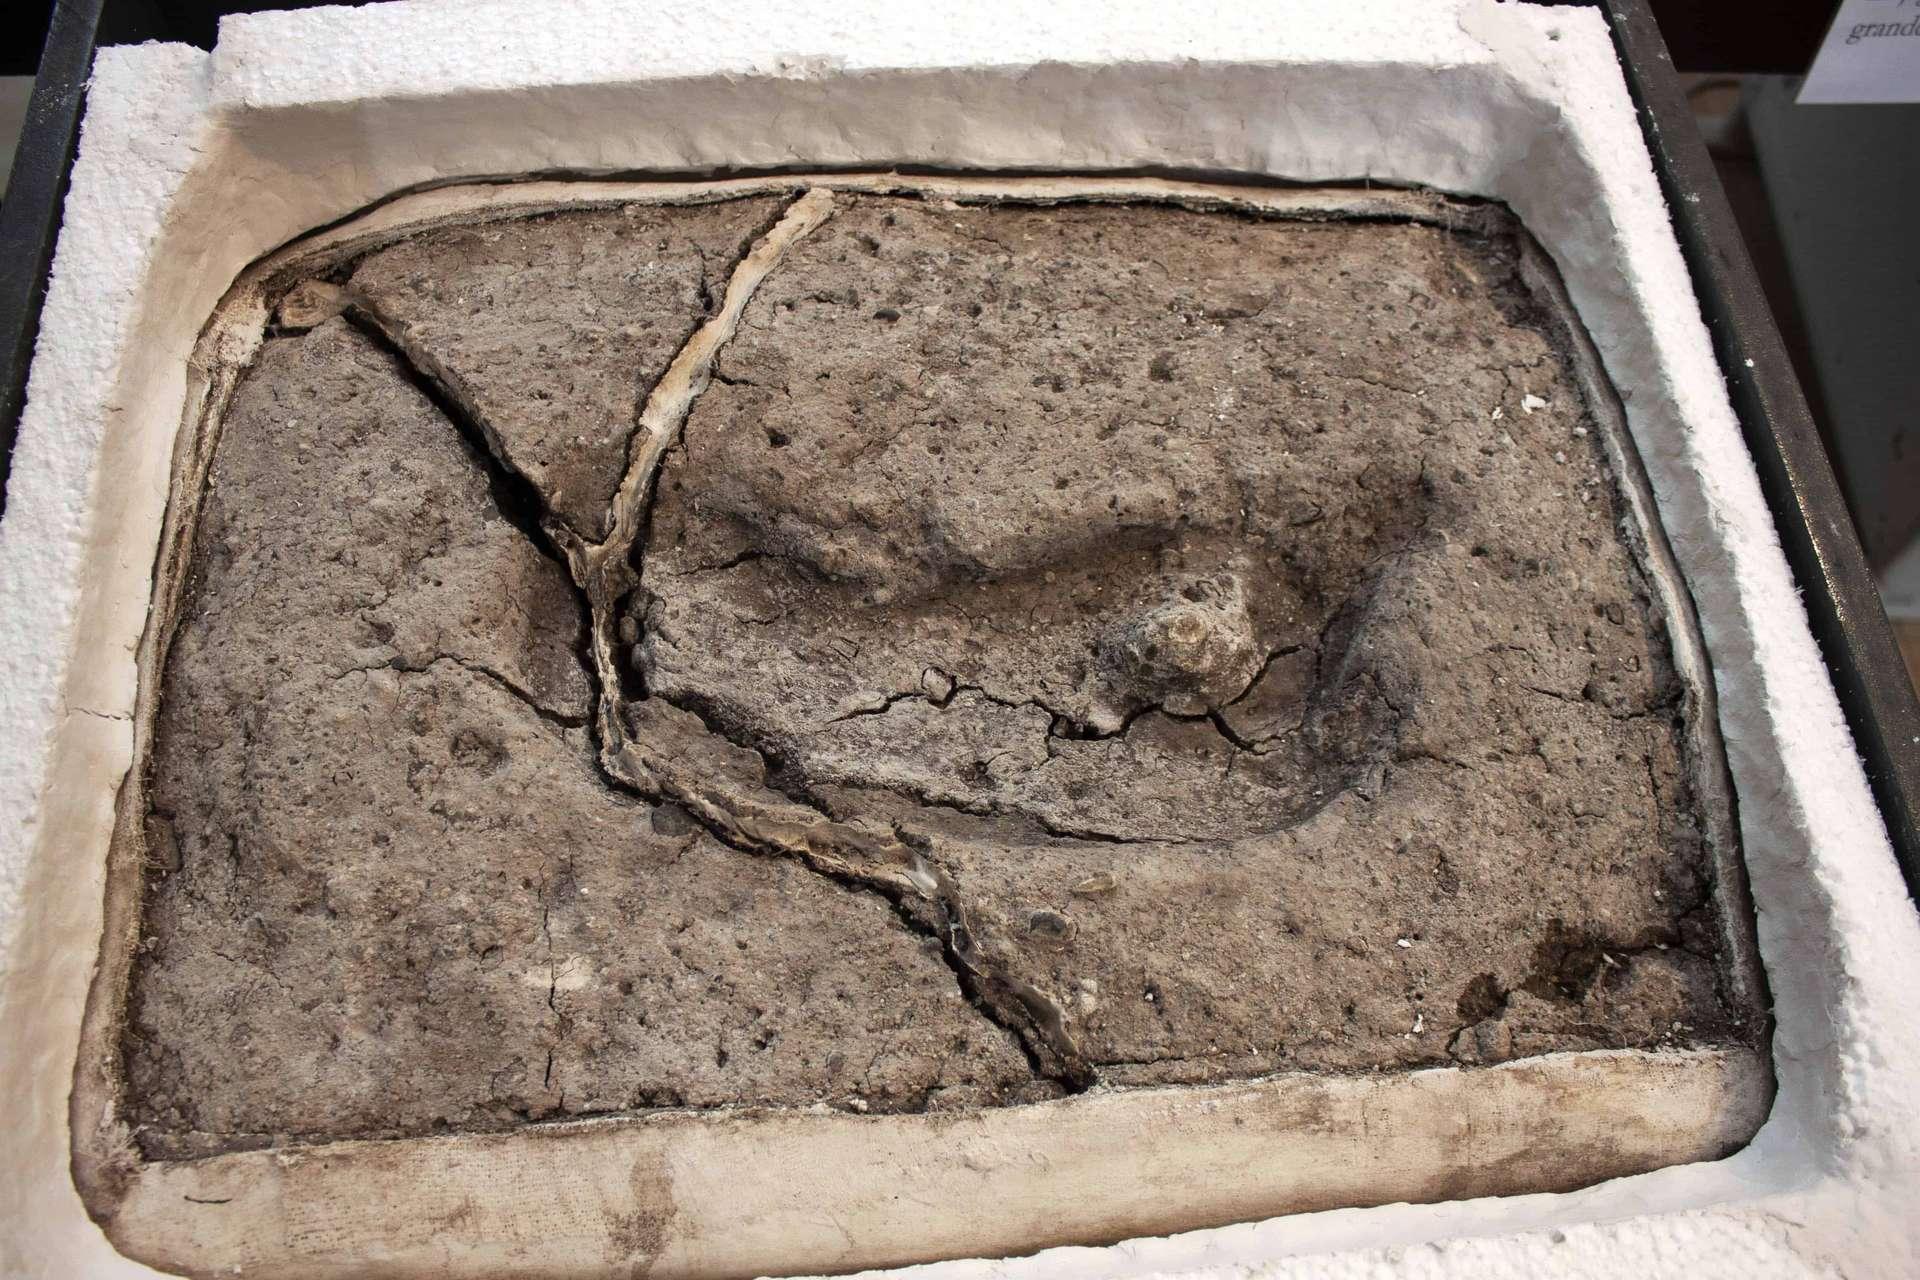 Il y a 15.600 ans, un individu adulte de l'espèce humaine Hominipes modernus a foulé de ses pieds nus la terre de Pilauco, au Chili, y laissant l'empreinte de son pied droit. Cette trace de pas est la plus ancienne des Amériques. © Universidad Austral de Chile (UACh)